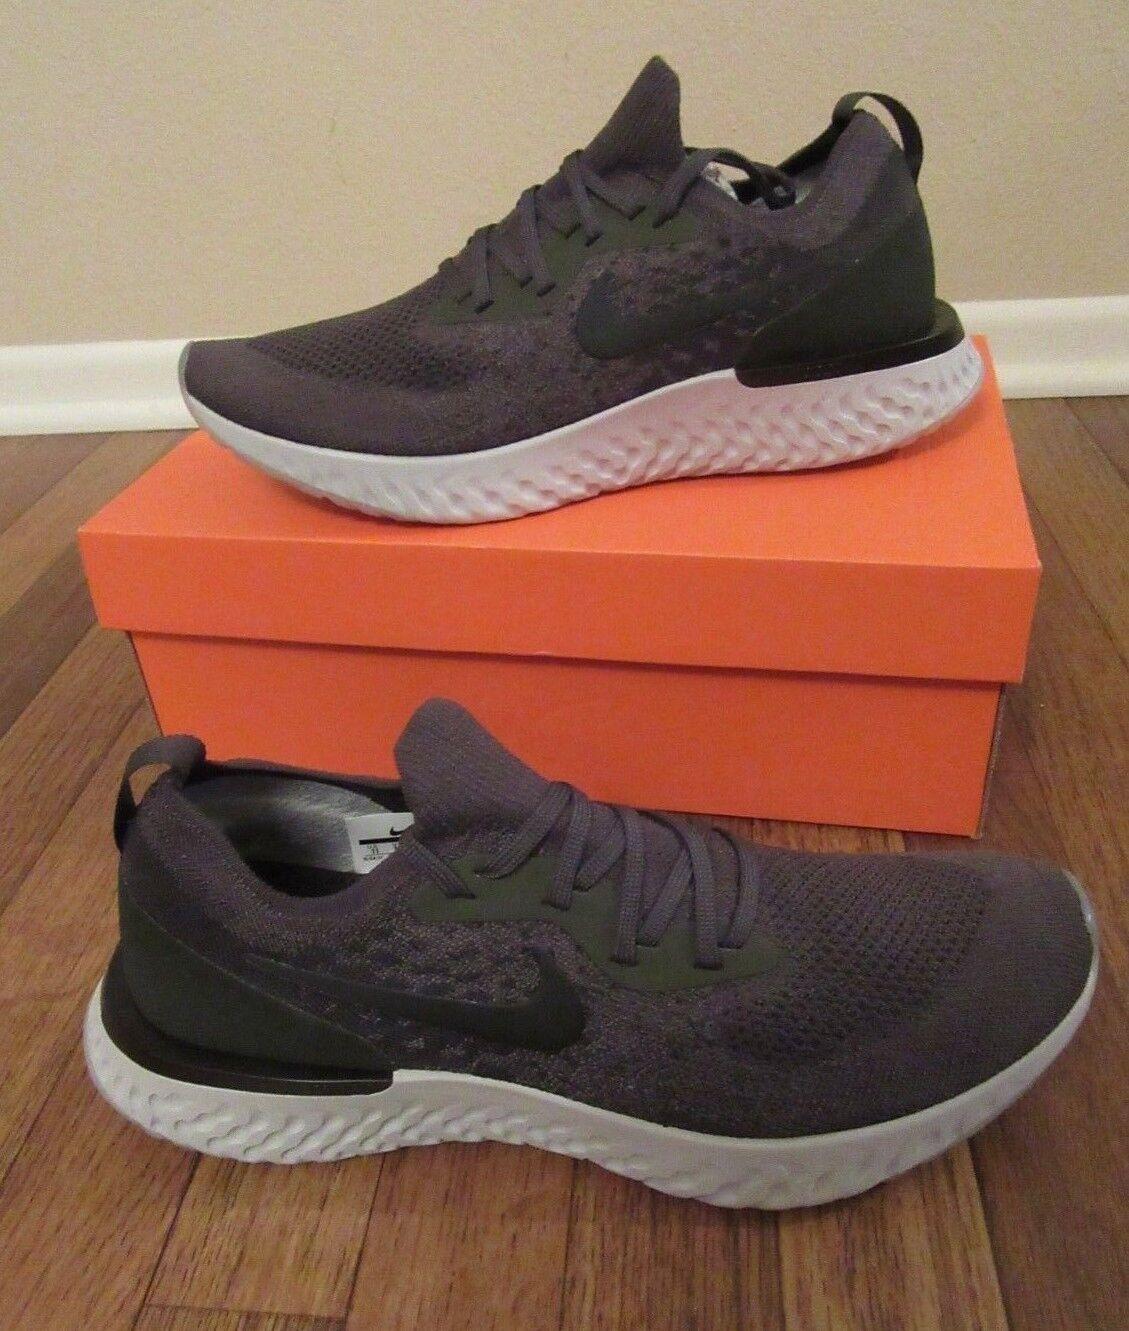 Nike Epic React Flyknit Size 11 Cargo Khaki Black Sequoia AQ0067 300 New NIB